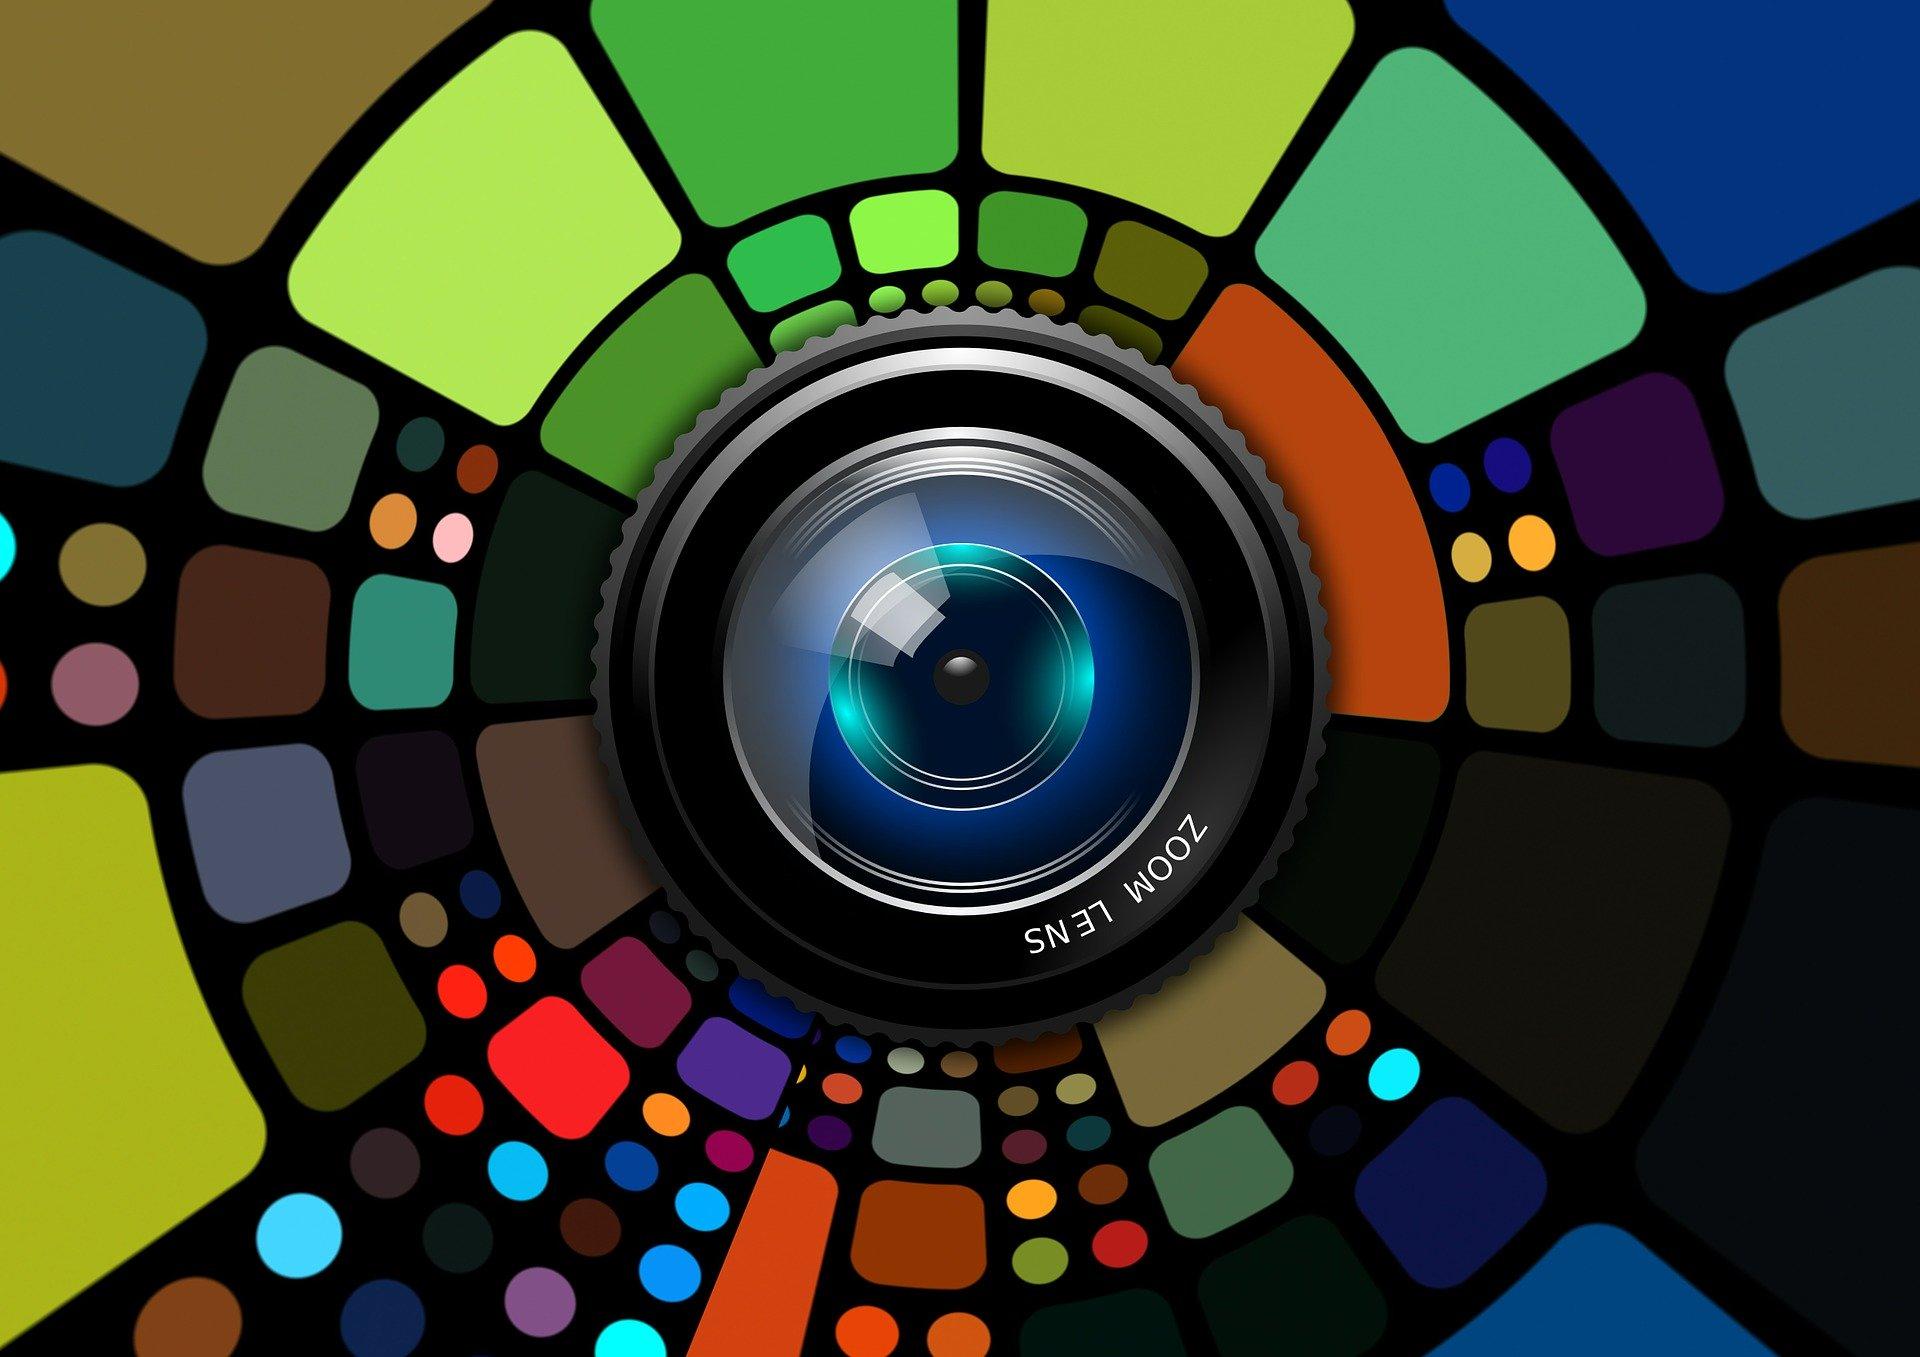 Imagen de una lente de cámara